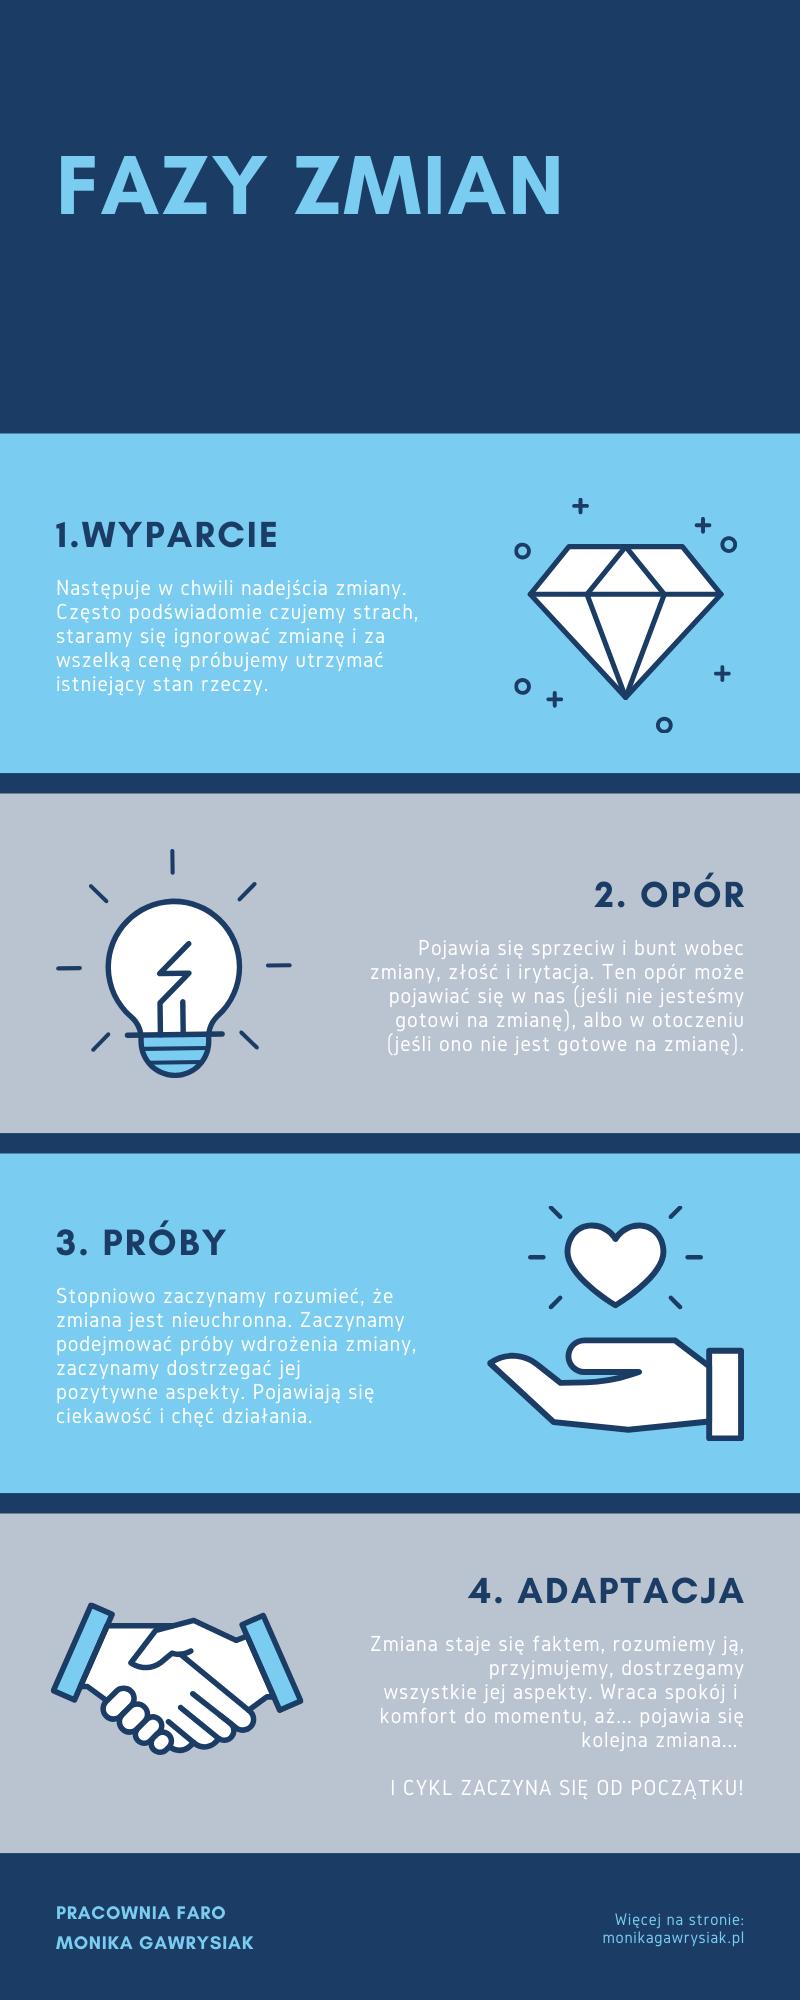 monika gawrysiak fazy zmian infografika - Jak radzić sobie zezmianami? Fazy zmian.